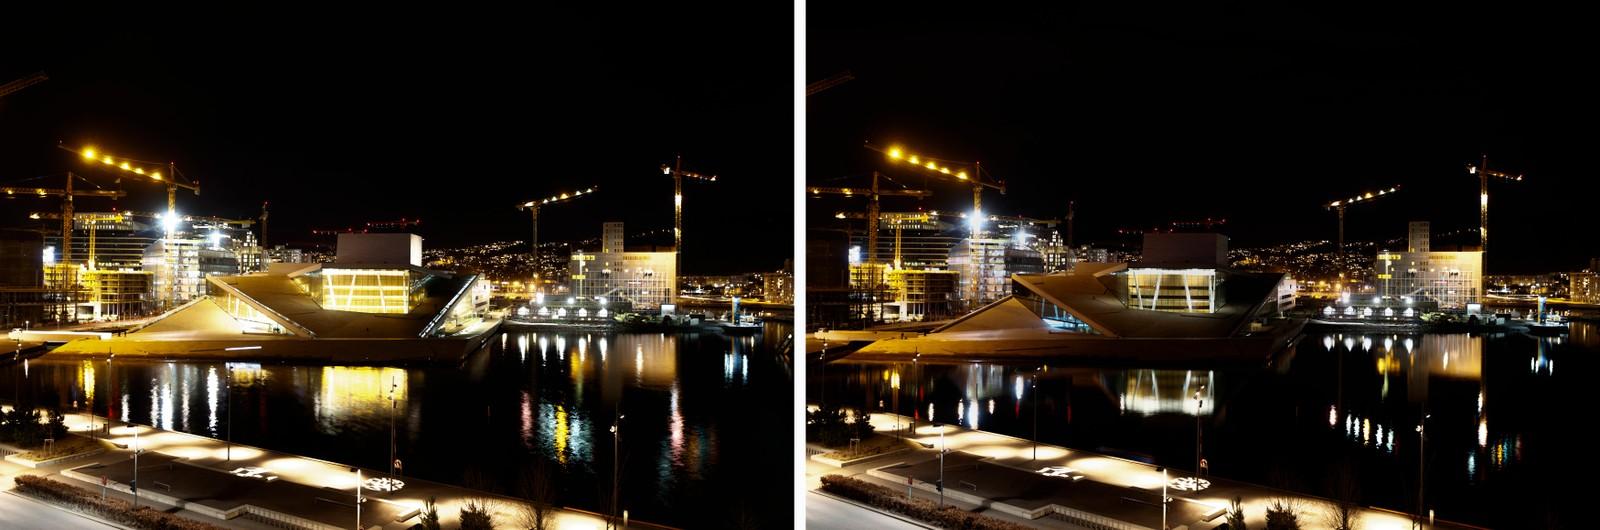 Operaen i Oslo markerte Earth Hour 2017 med å slukke lyset i en time lørdag kveld. Earth Hour er en verdensomspennende symbolsk markering mot klimaendringene.